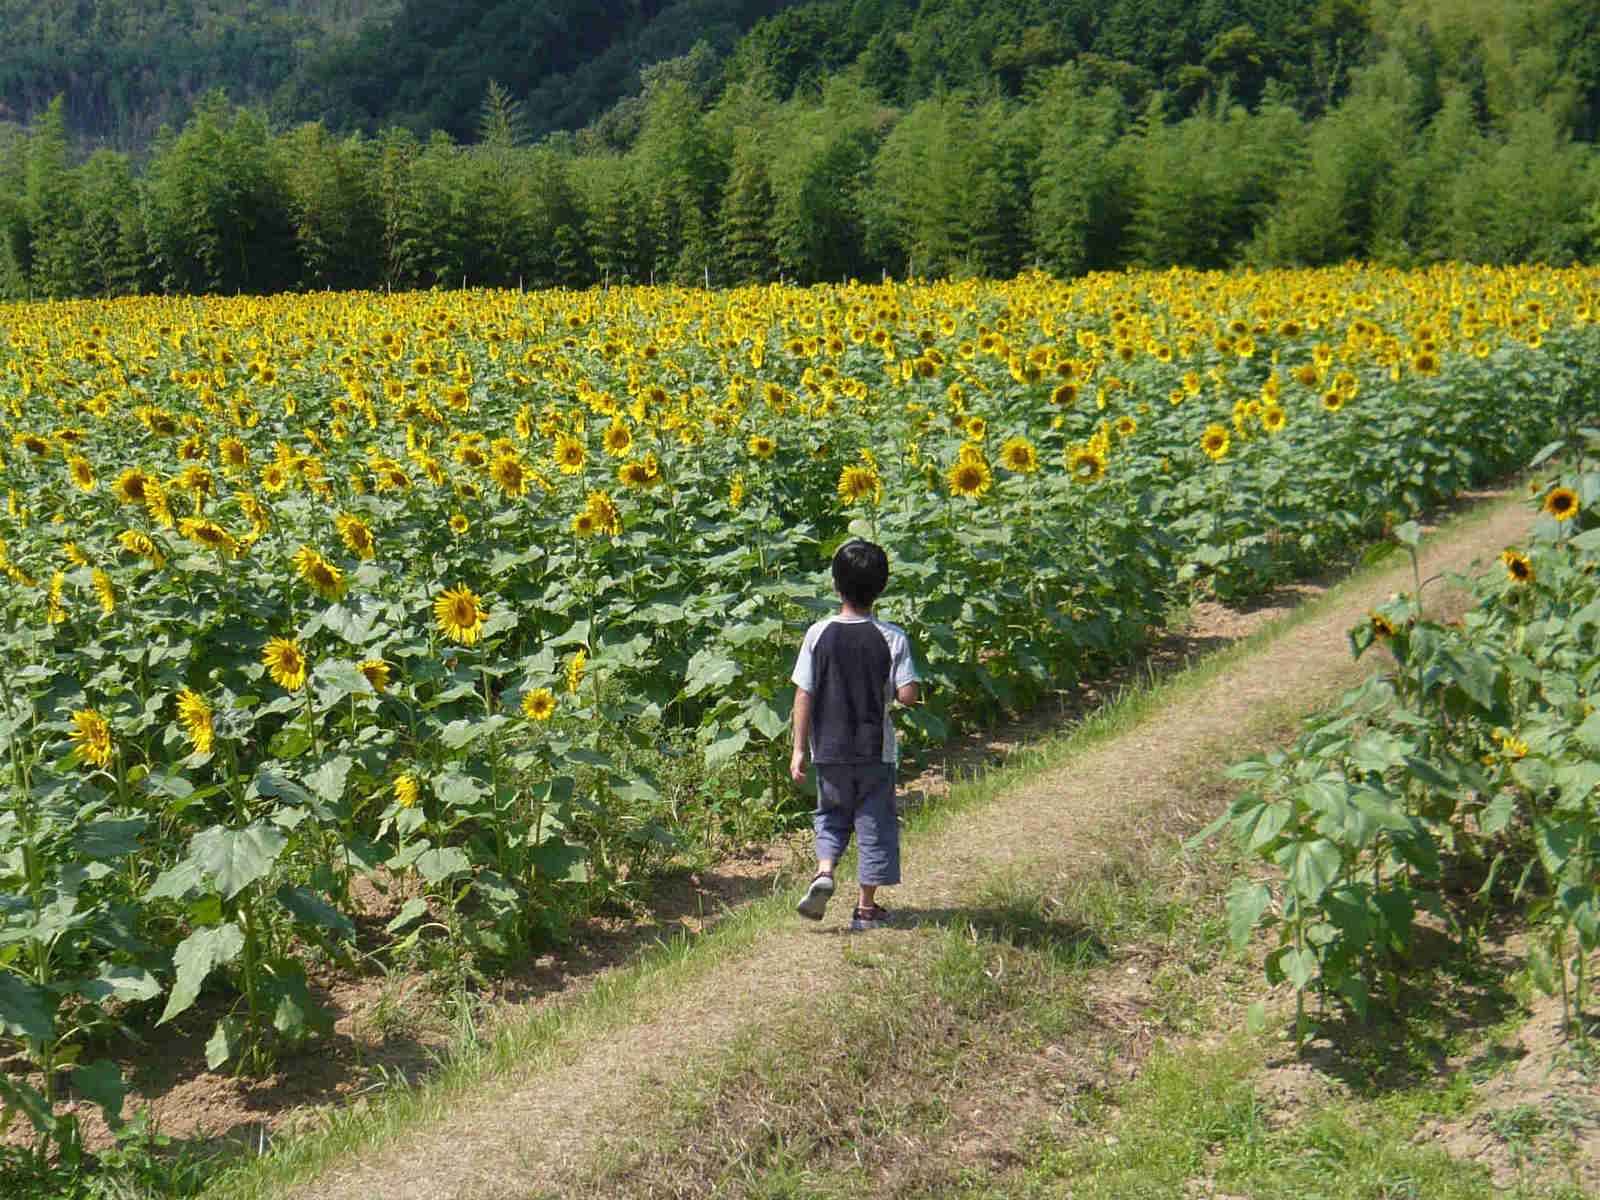 Boy_in_summer